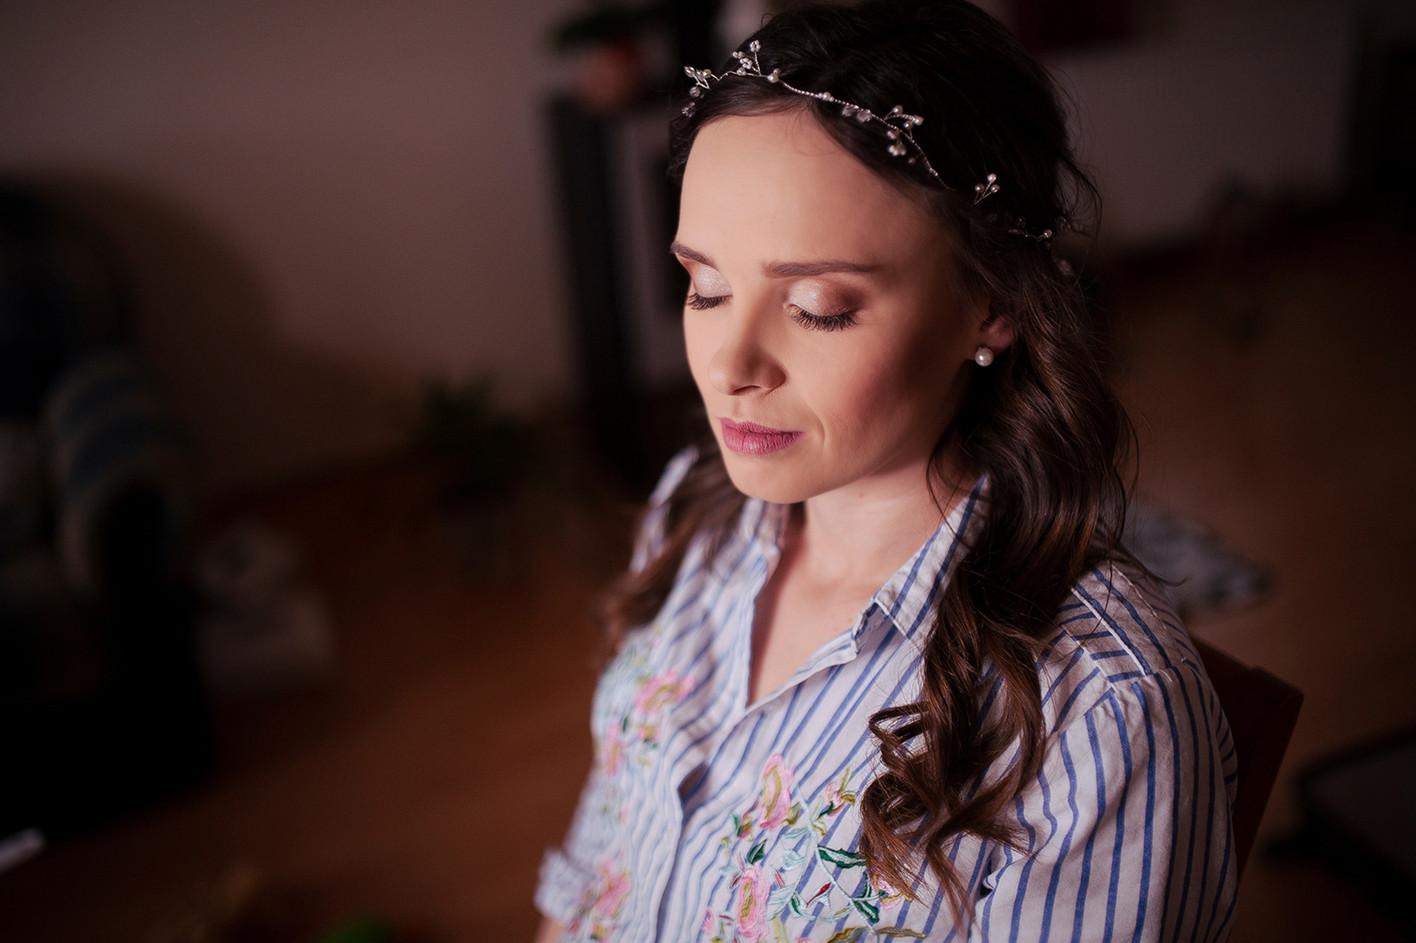 Vizážistka Lucie Vaculová